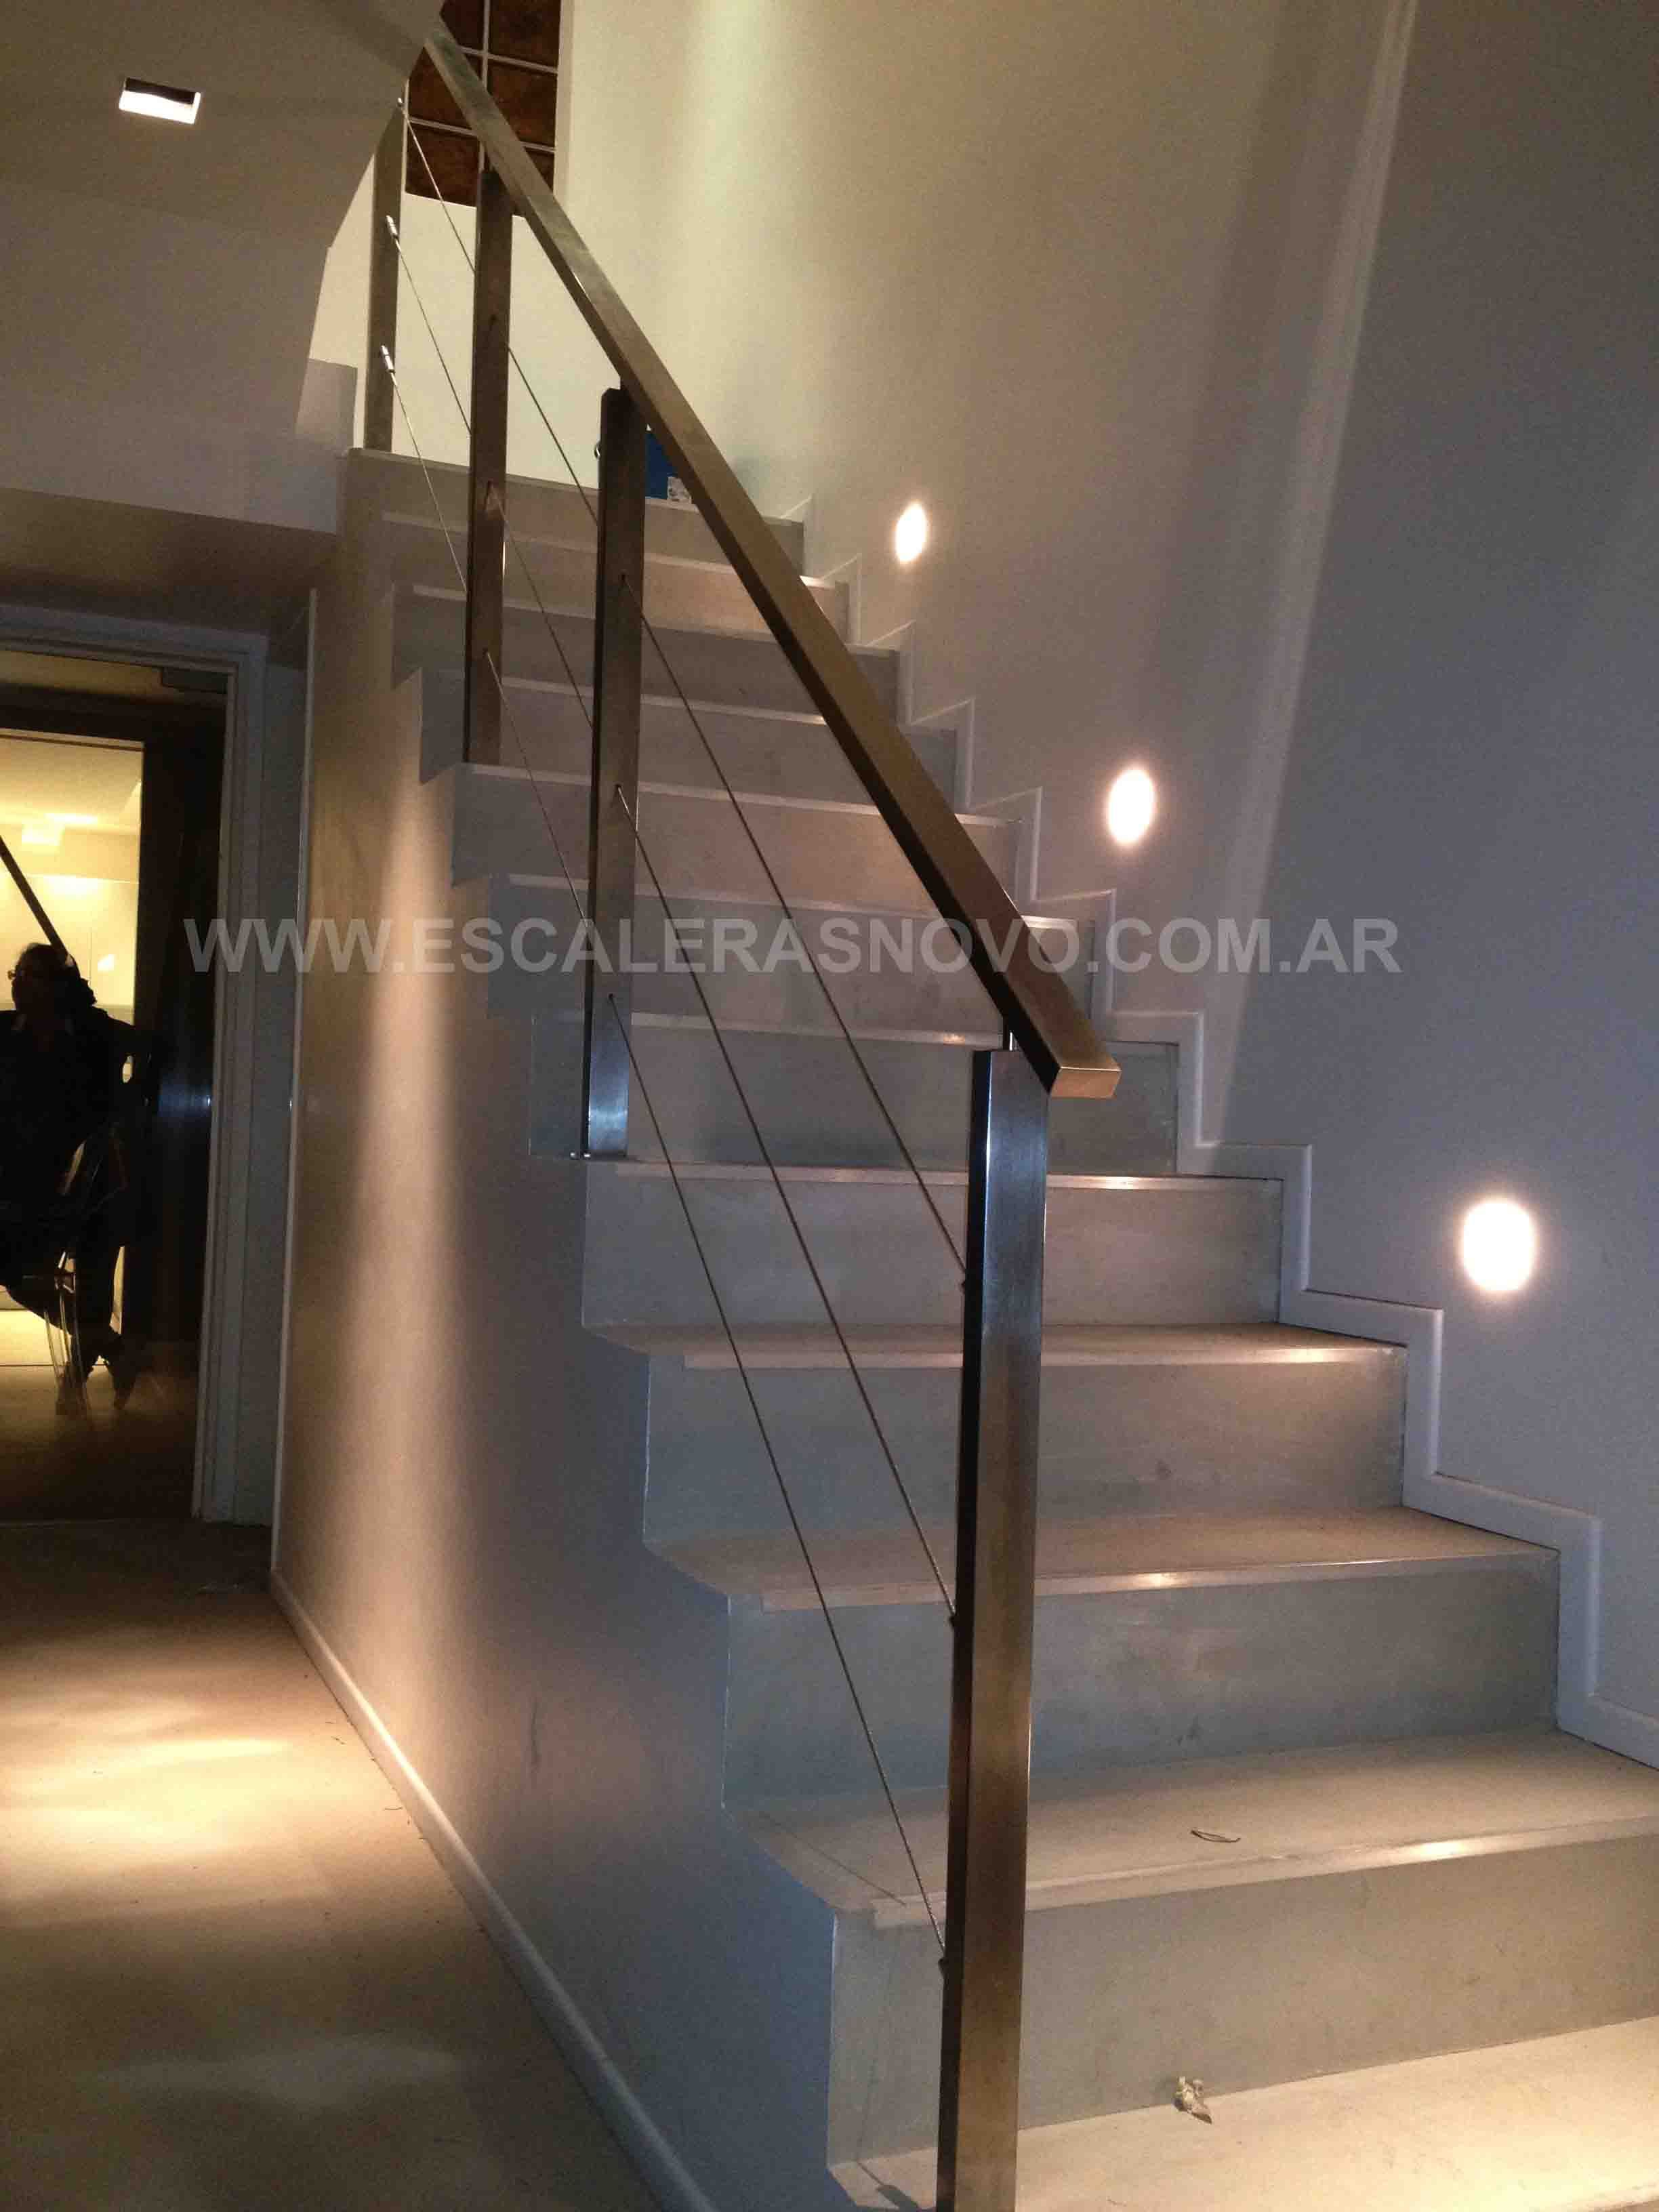 Barandas de acero inoxidable con tensores mod 13 venta de - Escaleras modernas interiores ...